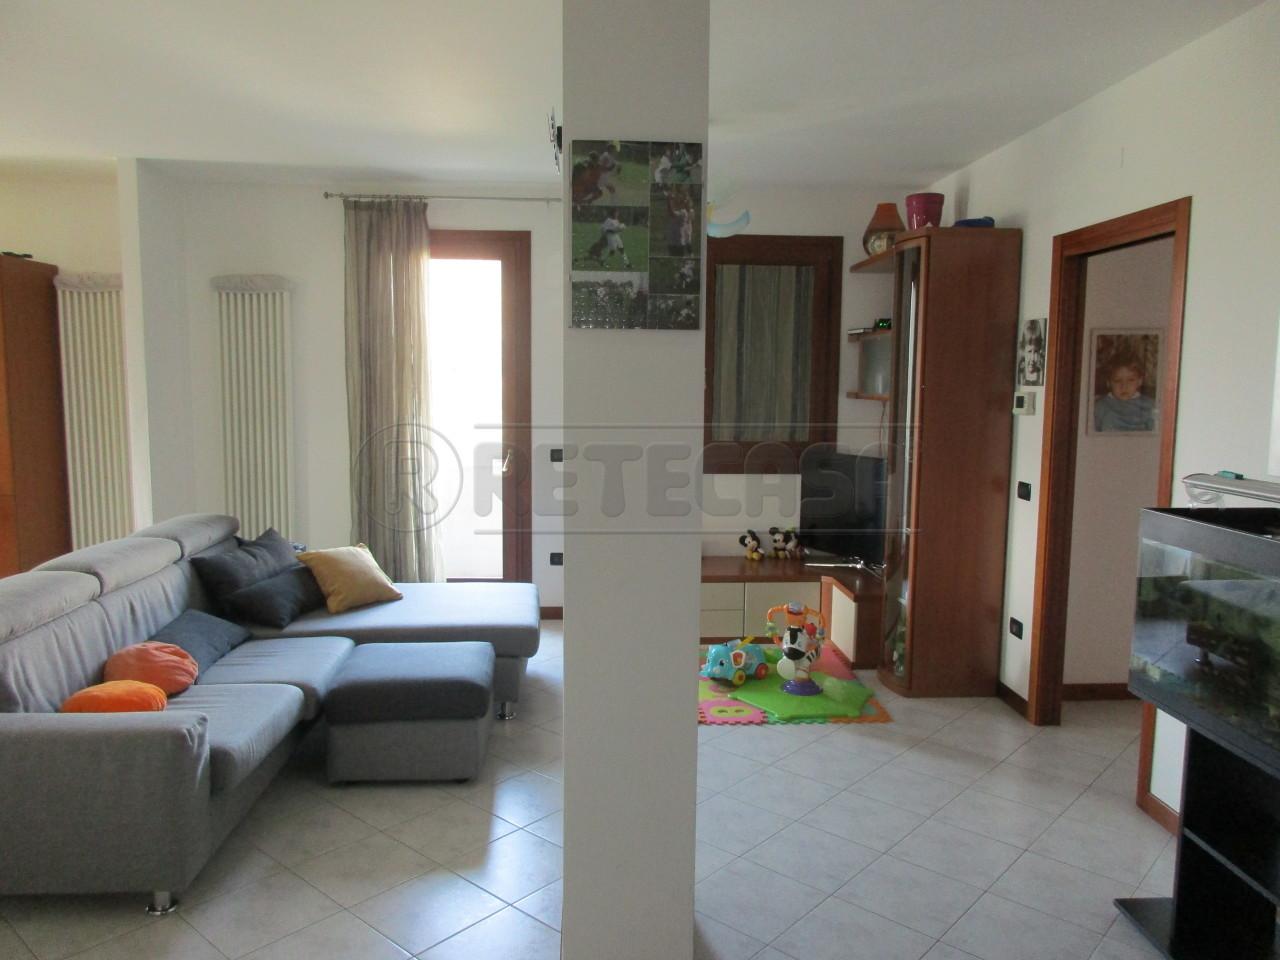 Appartamento - Duplex a LOREGGIA, Loreggia